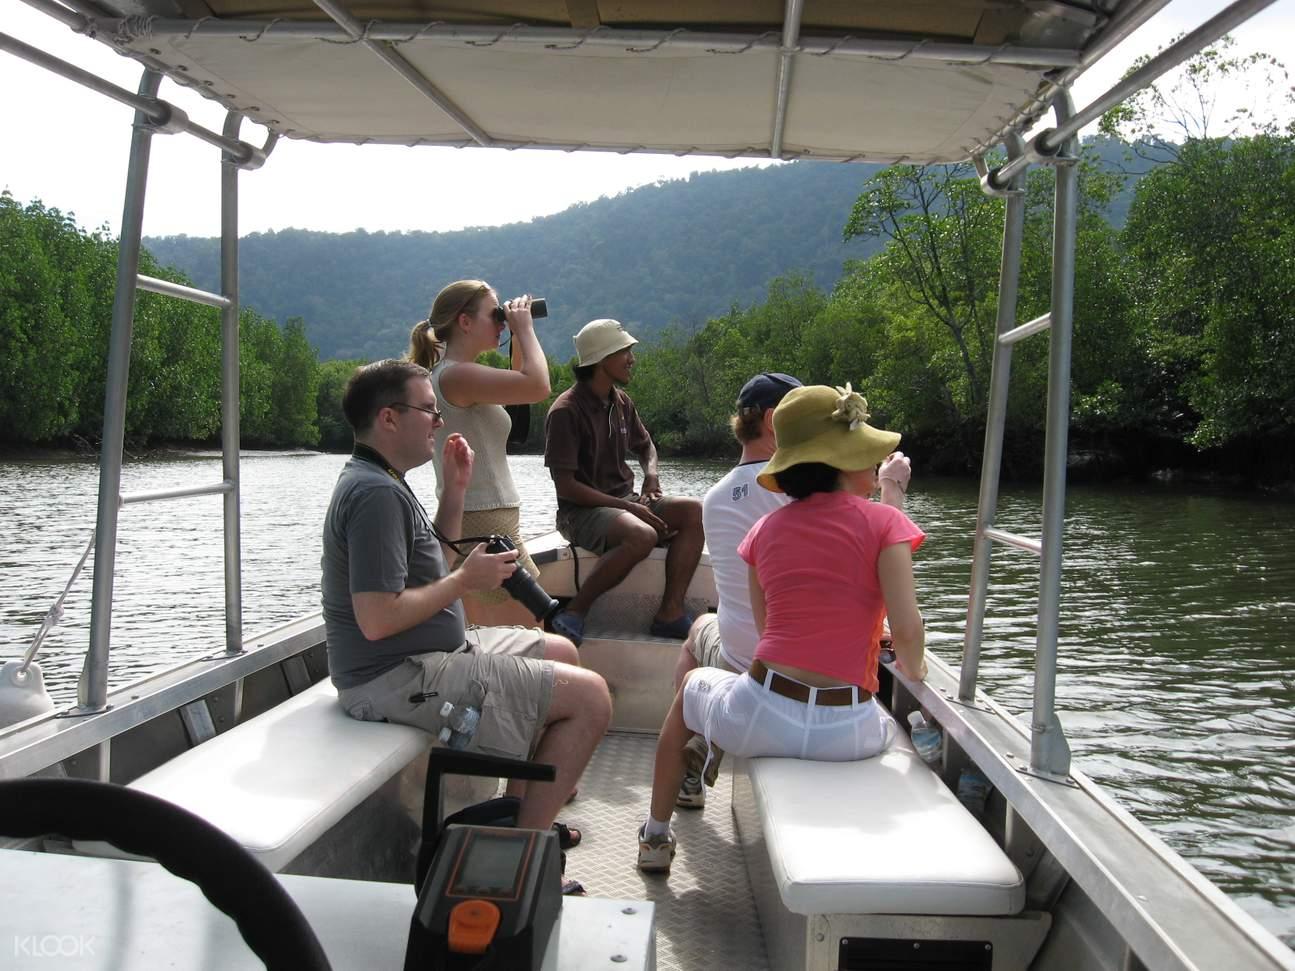 蘭卡威紅樹林,蘭卡威探險,蘭卡威戶外,蘭卡威半日遊,紅樹林巡遊,蘭卡威紅樹林探險